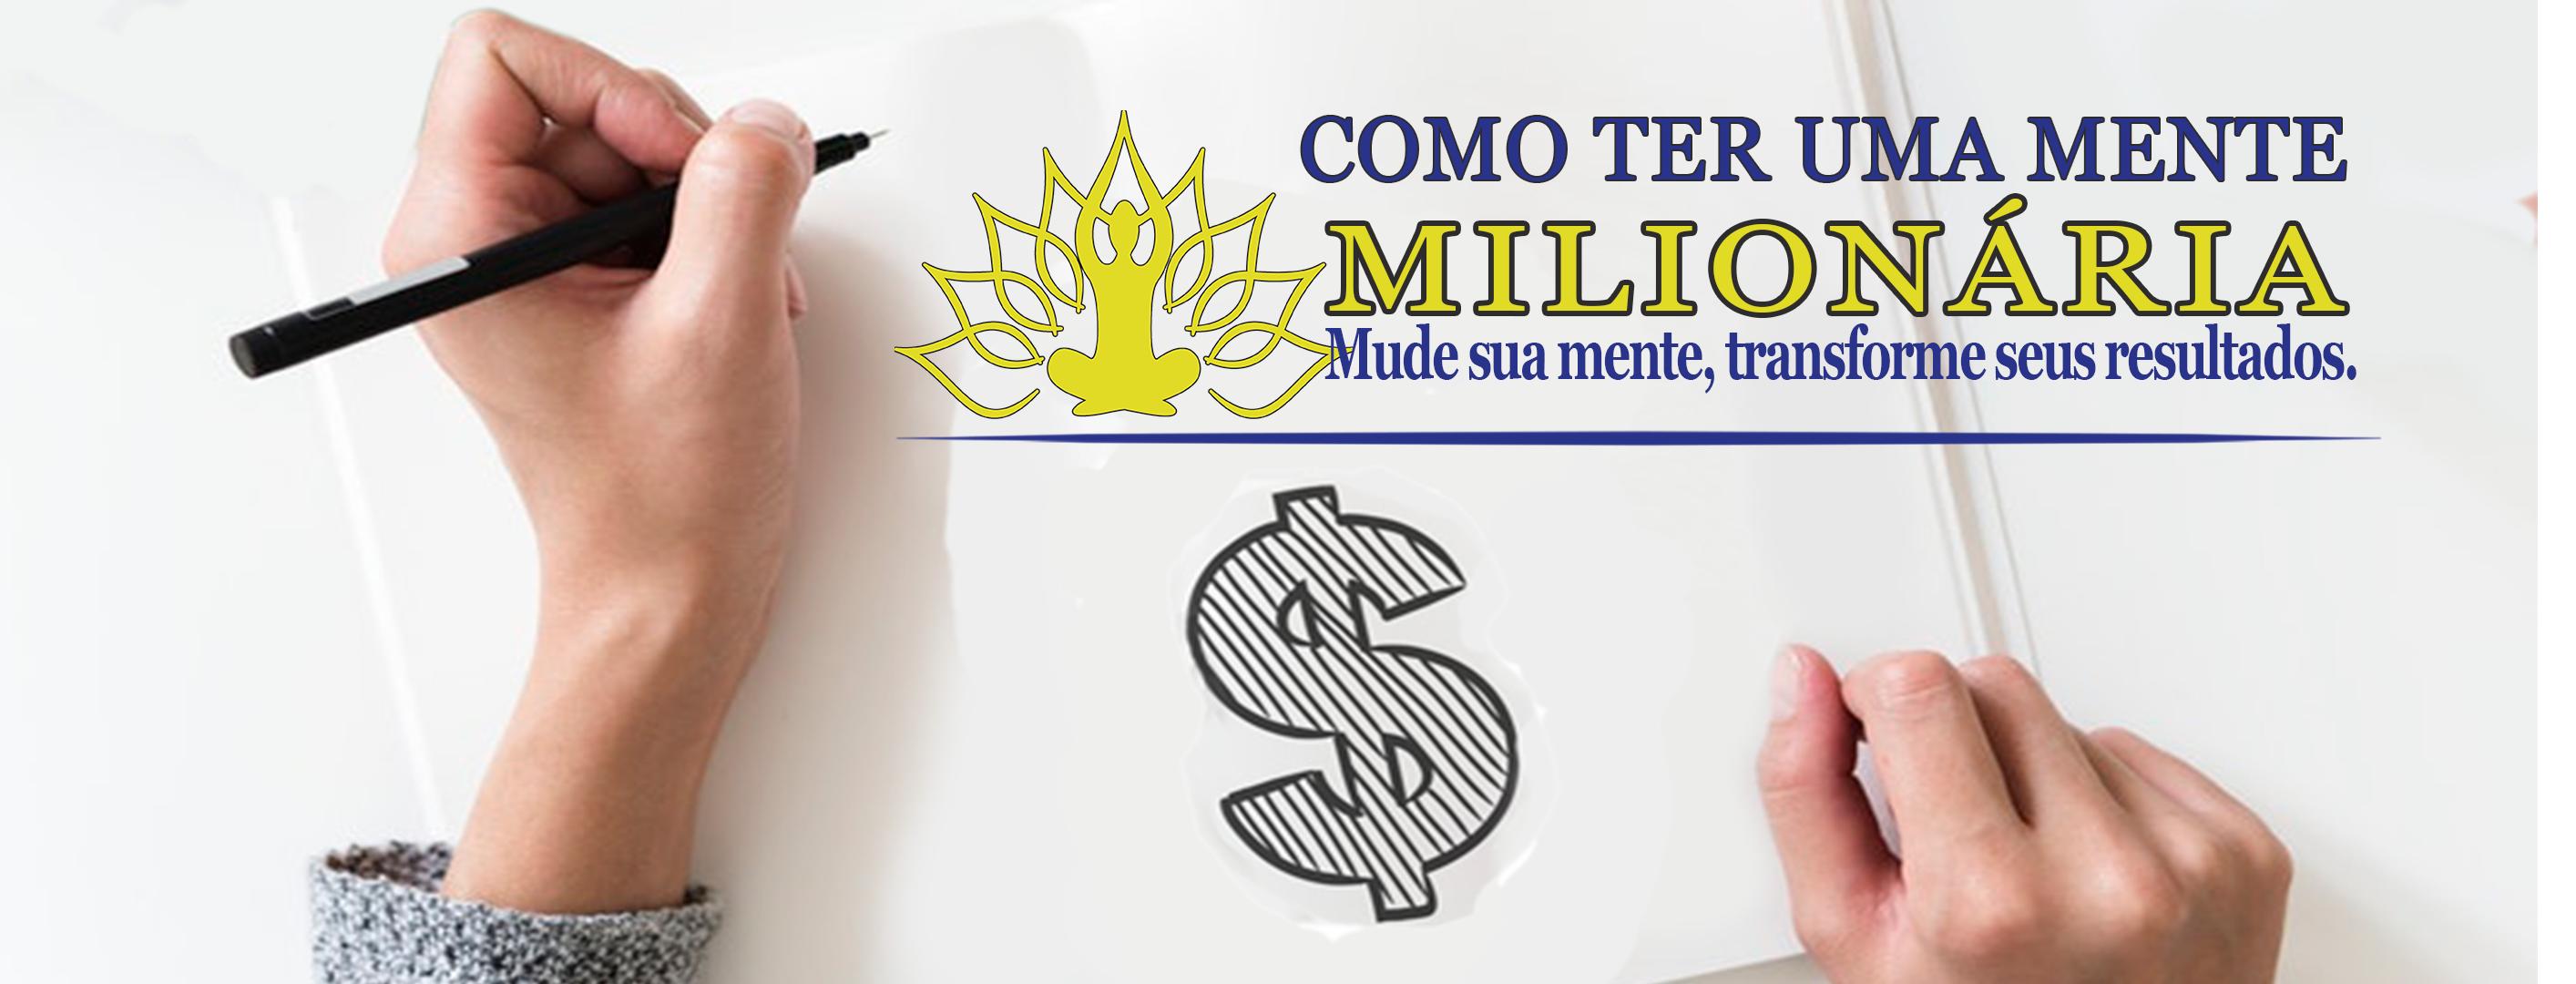 Banner_Mente_Milionária_-_alterado.png